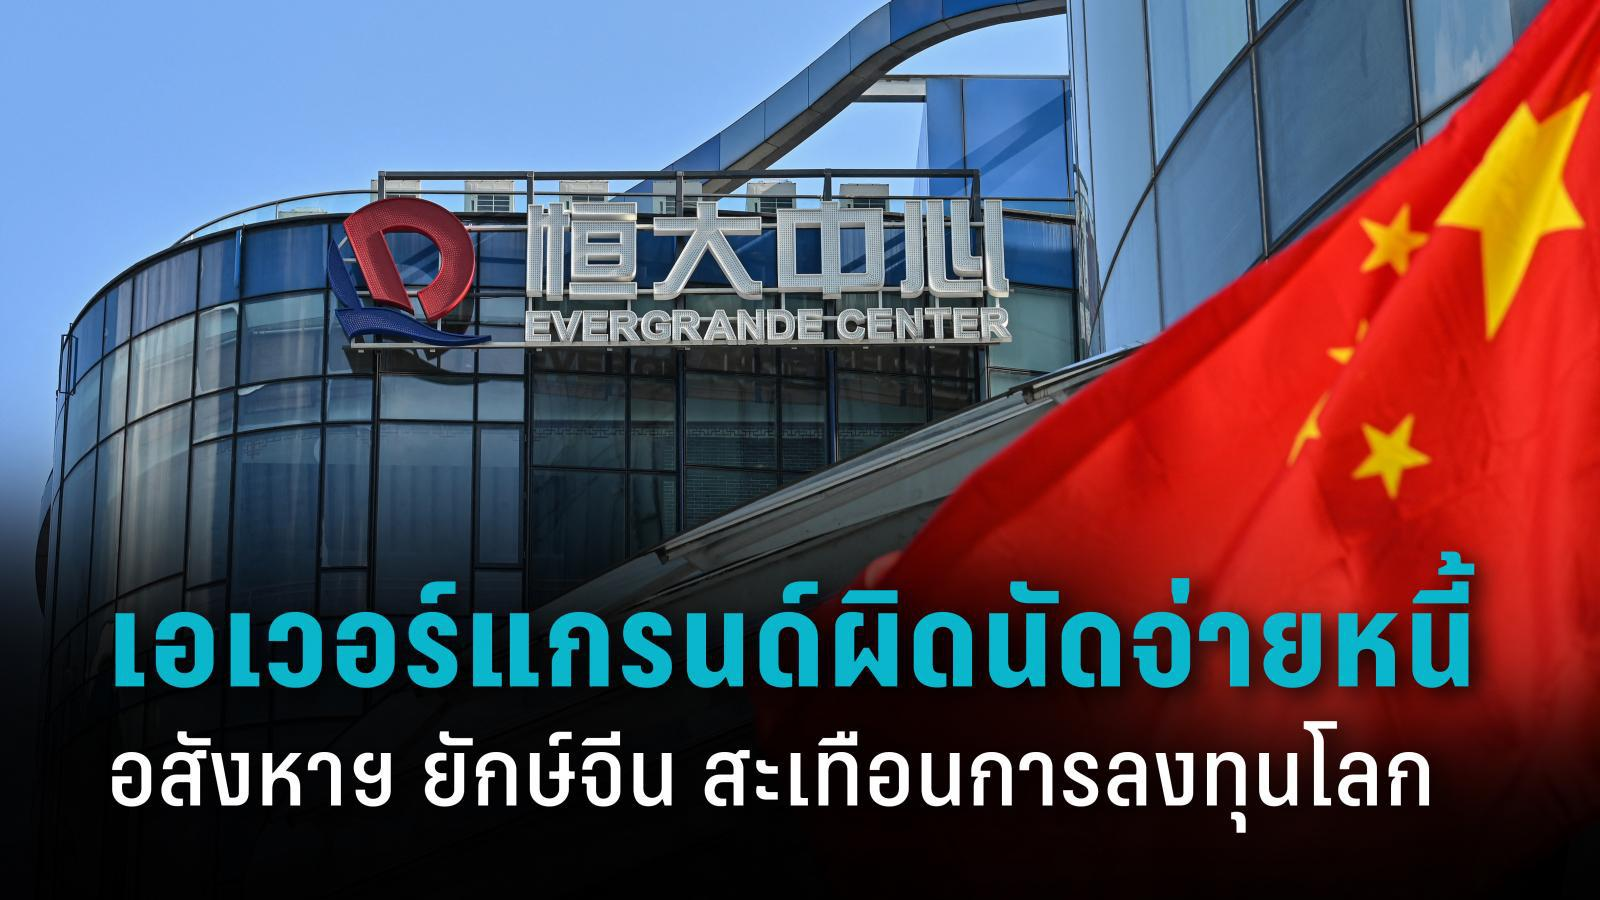 ปมผิดนัดจ่ายหนี้ เอเวอร์แกรนด์ (Evergrande)  อสังหาฯ ยักษ์จีน สะเทือนการลงทุนโลก